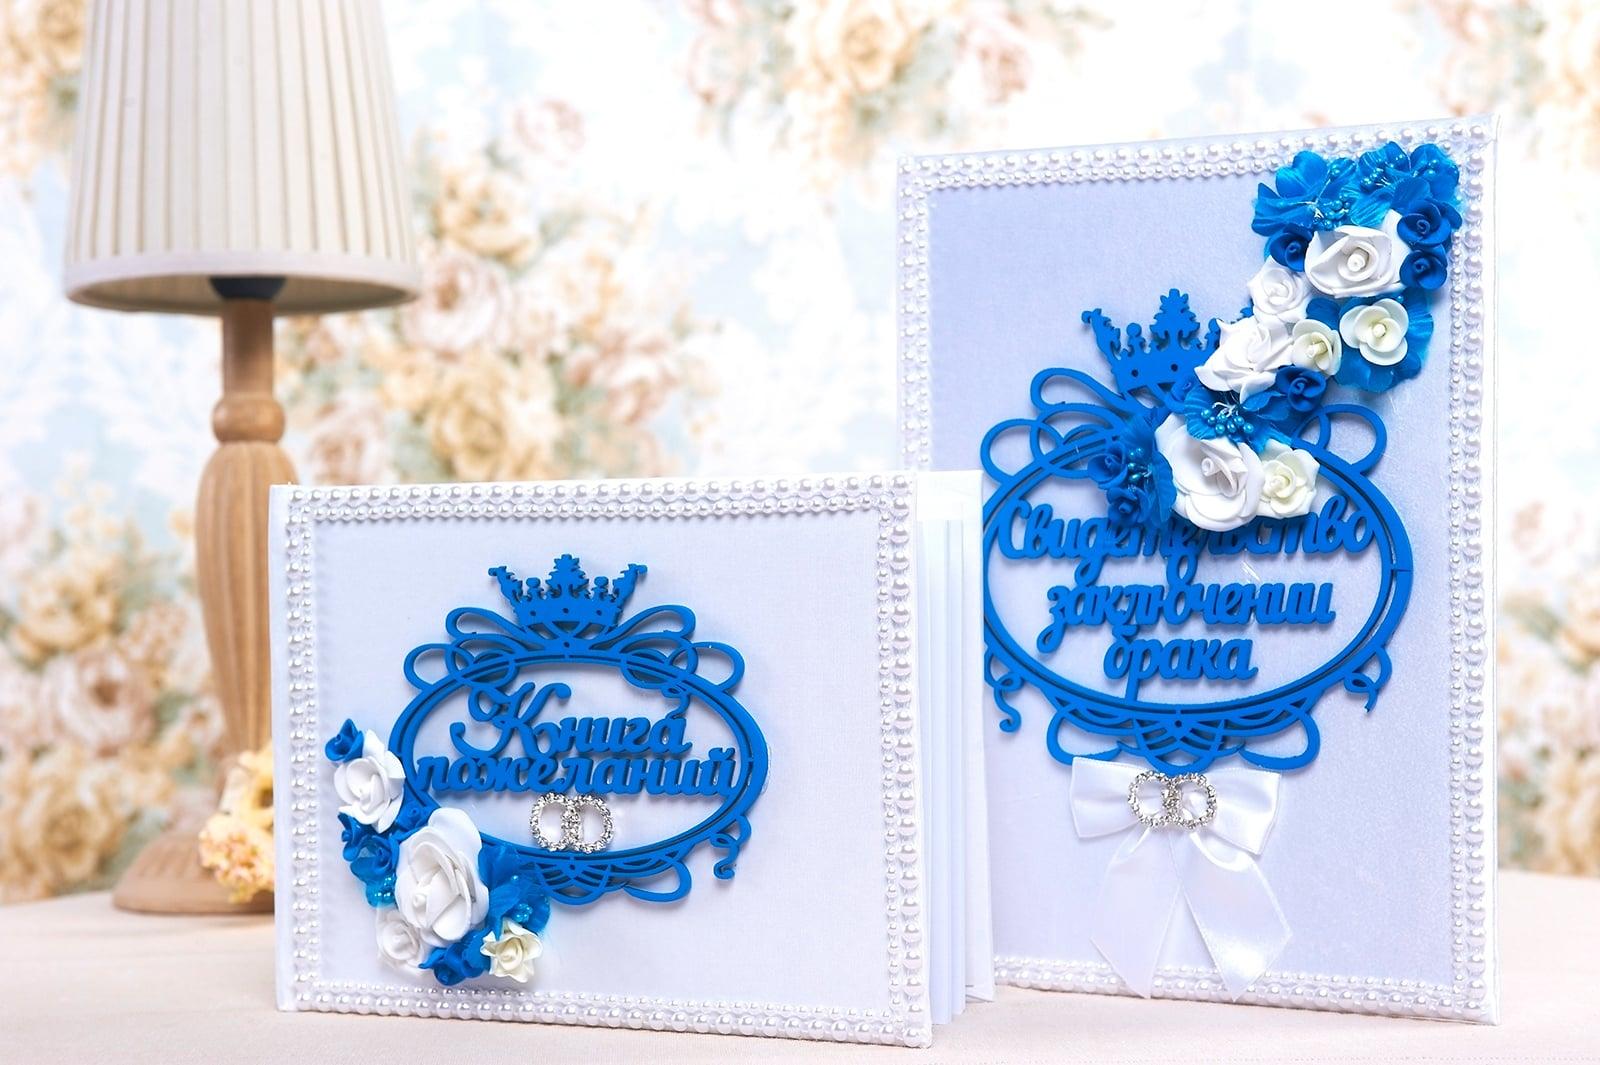 Белая папка для свидетельства о браке с синим декором.